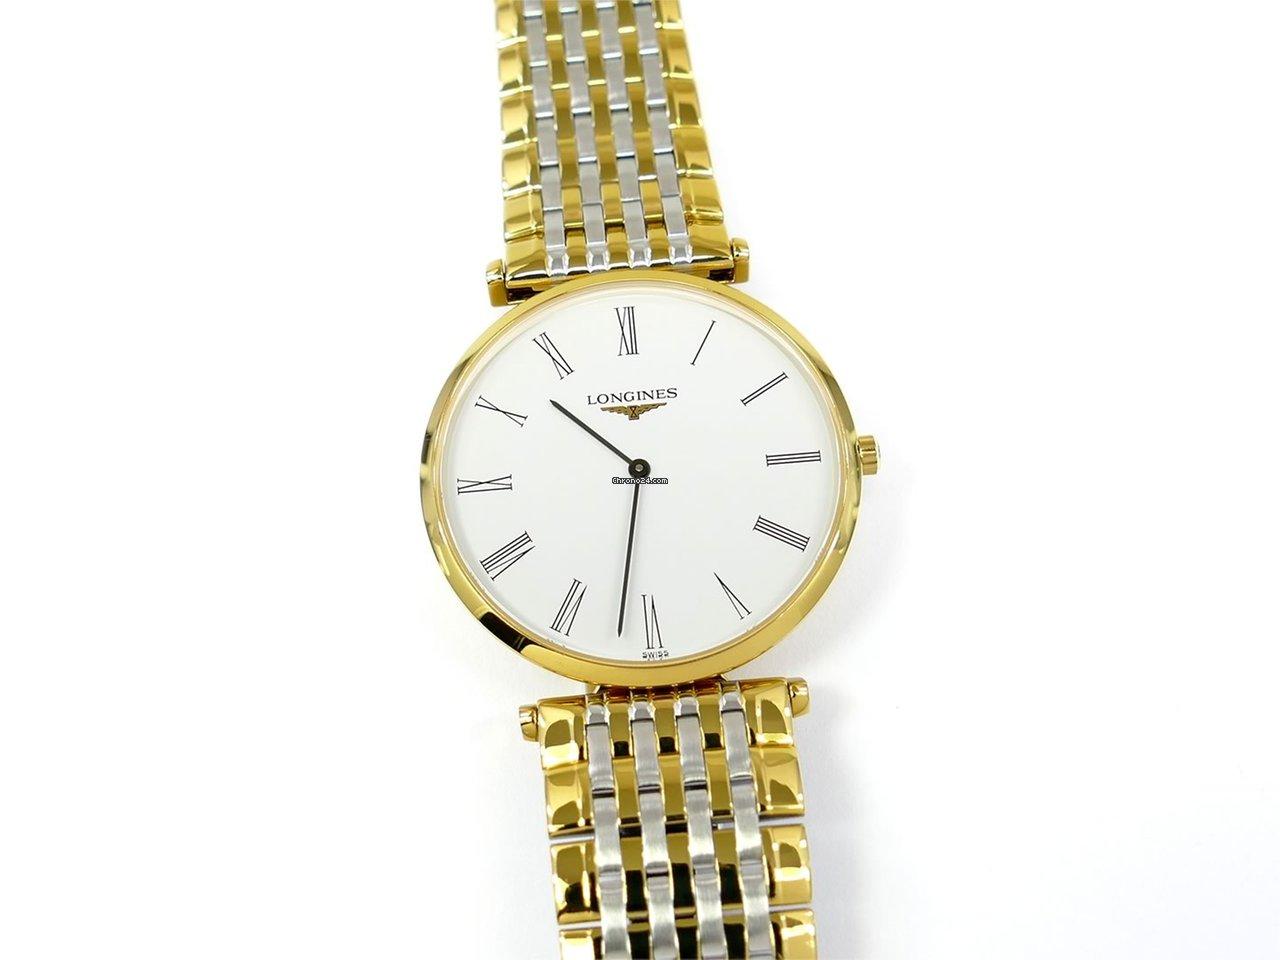 e54dec9251b Longines La Grande Classique - Todos os preços de relógios Longines La Grande  Classique na Chrono24